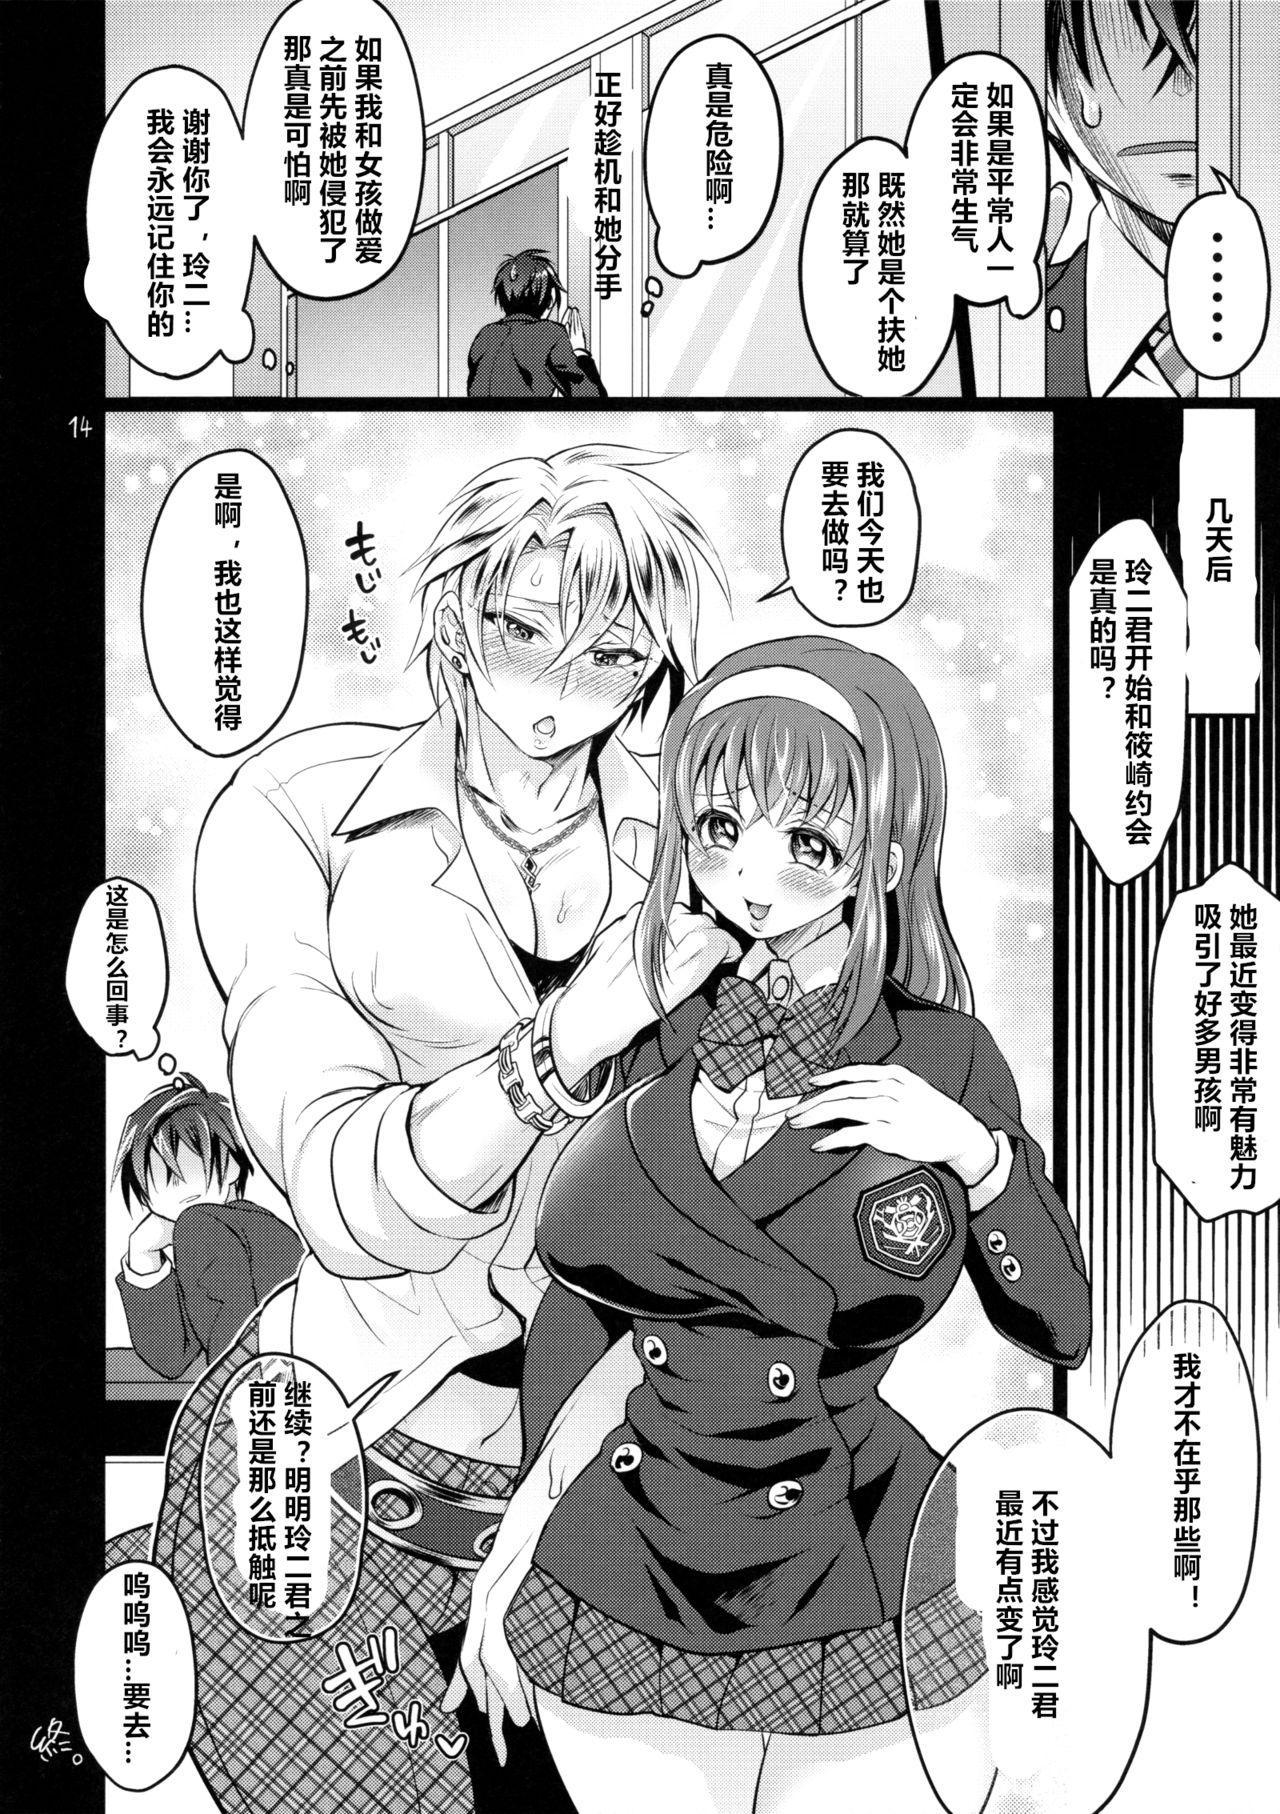 Futanari Kanojo o Netotta Yarichin Otoko ga Mesu Ochi Sareru 12